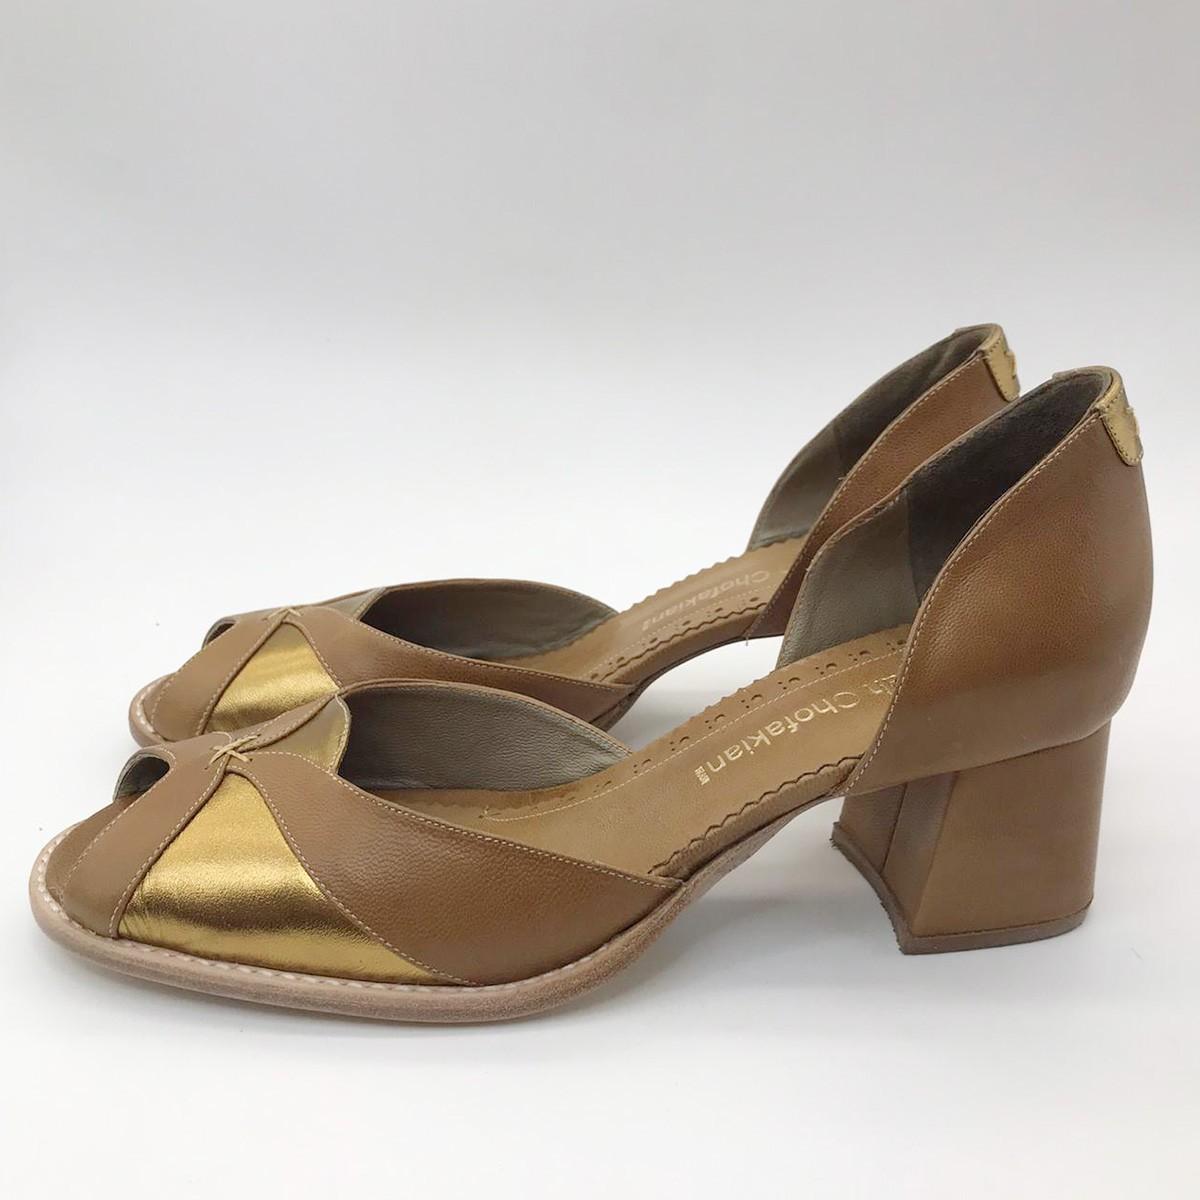 Sapato Sarah Chofakian Manchado Ourovelho KANYA-V19